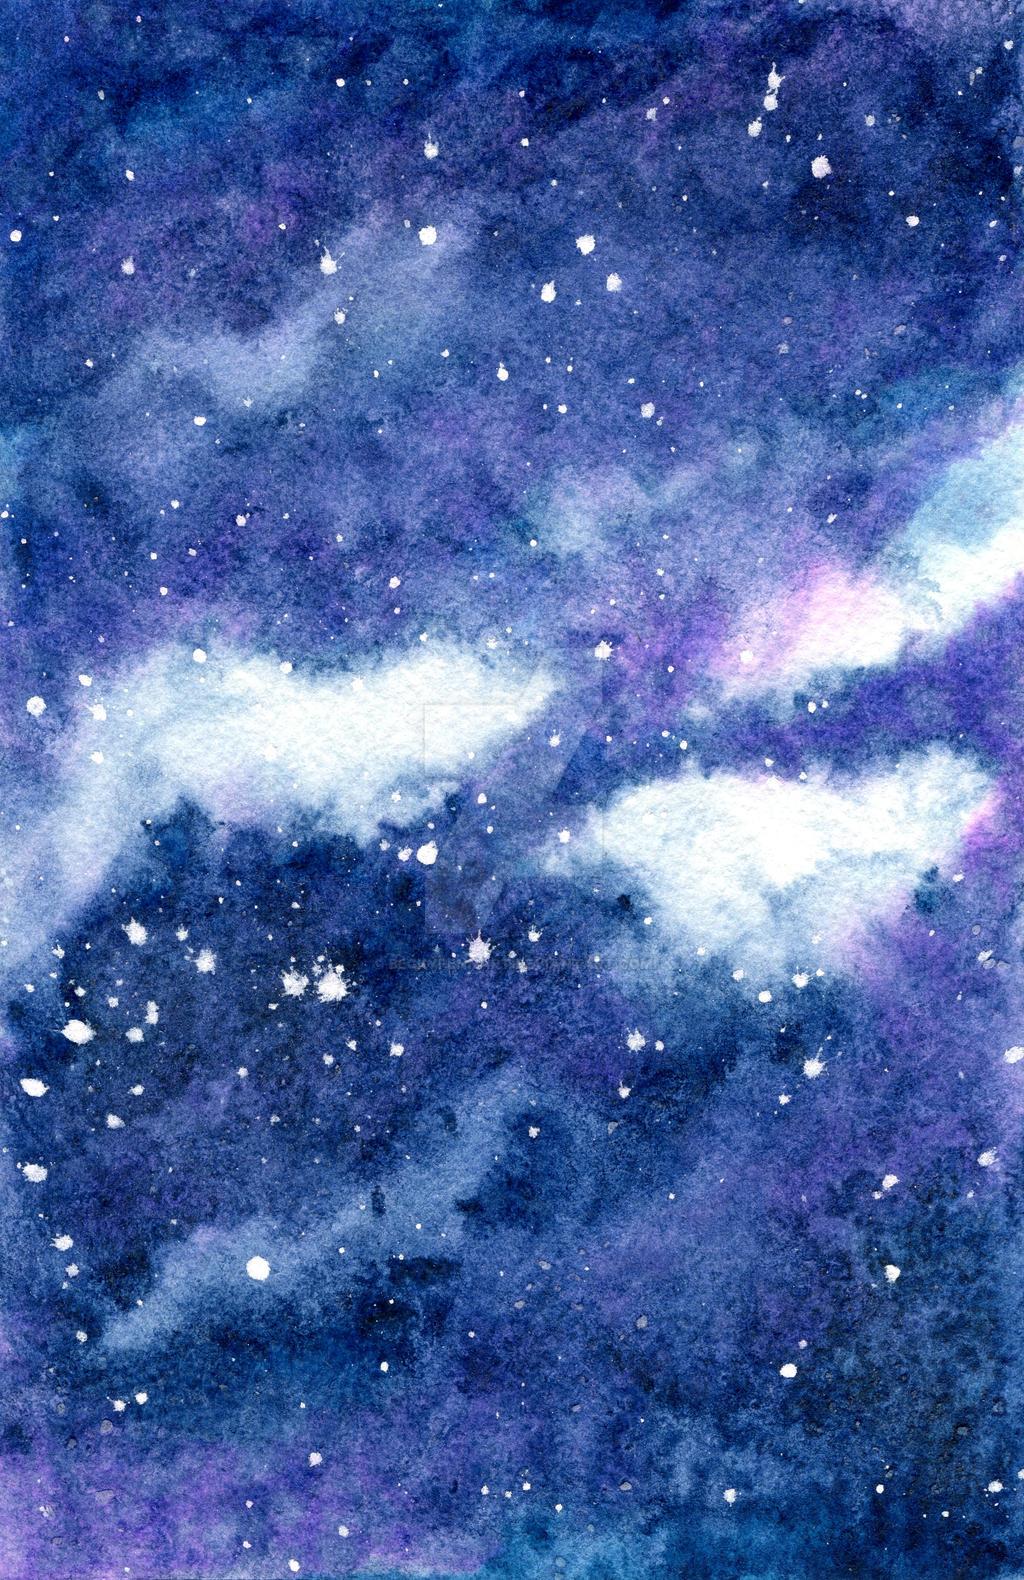 Starry Sky 2 By Beckypennart On Deviantart